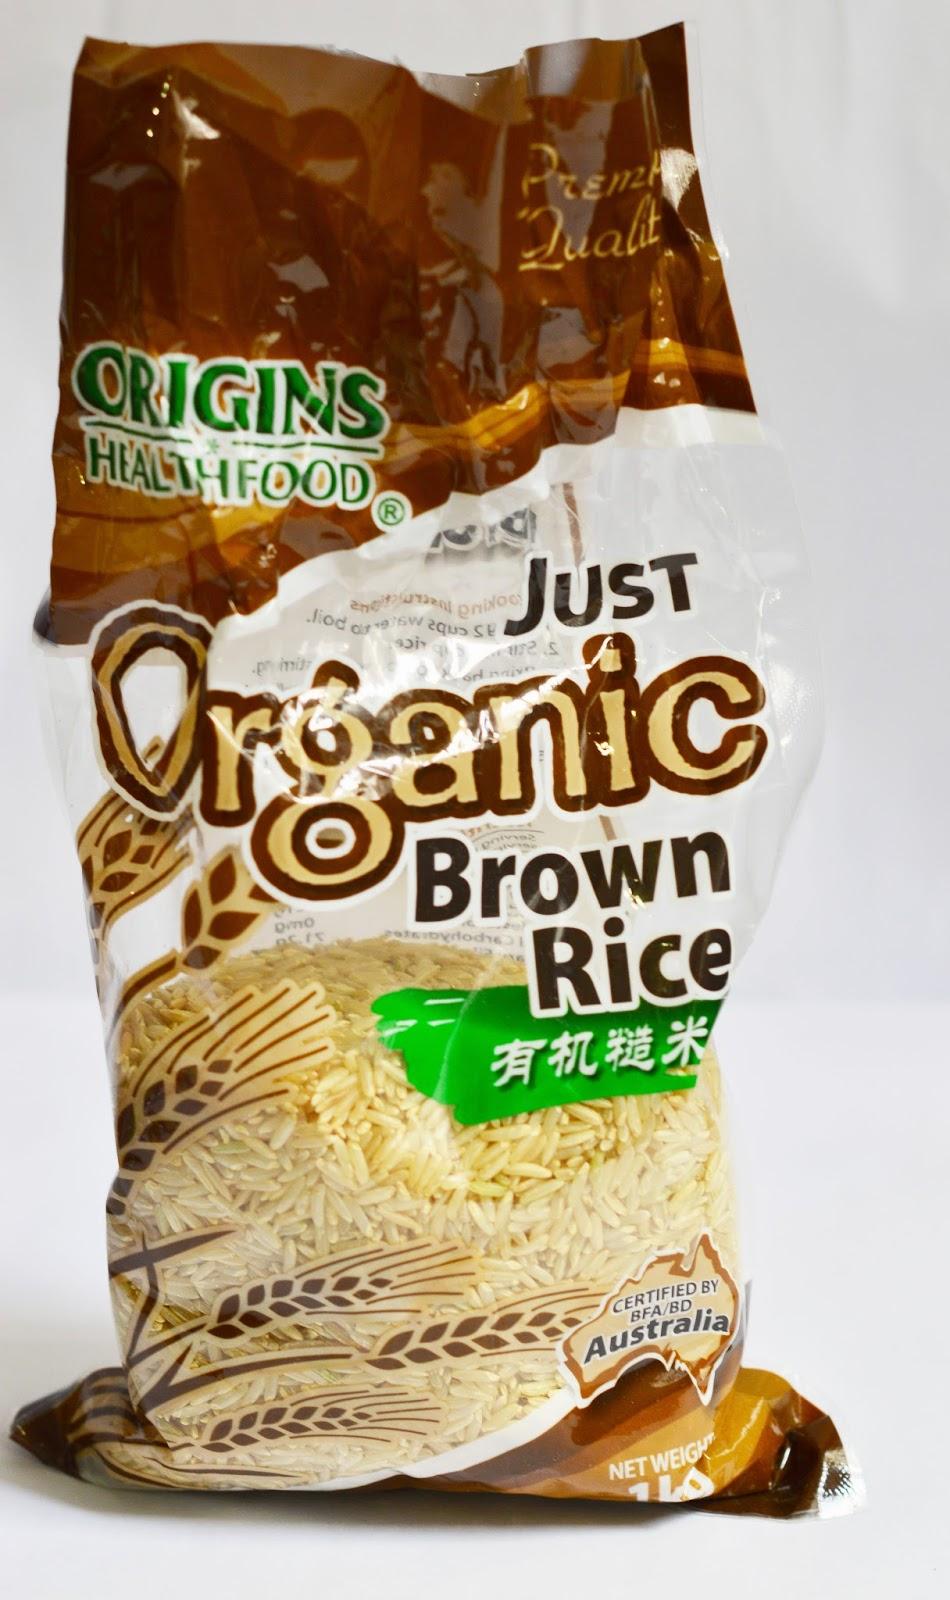 http://2.bp.blogspot.com/-6S5_PxISe7Q/VLOLD_qKfXI/AAAAAAAACrM/O4fwi04EdZE/s1600/rice.jpg